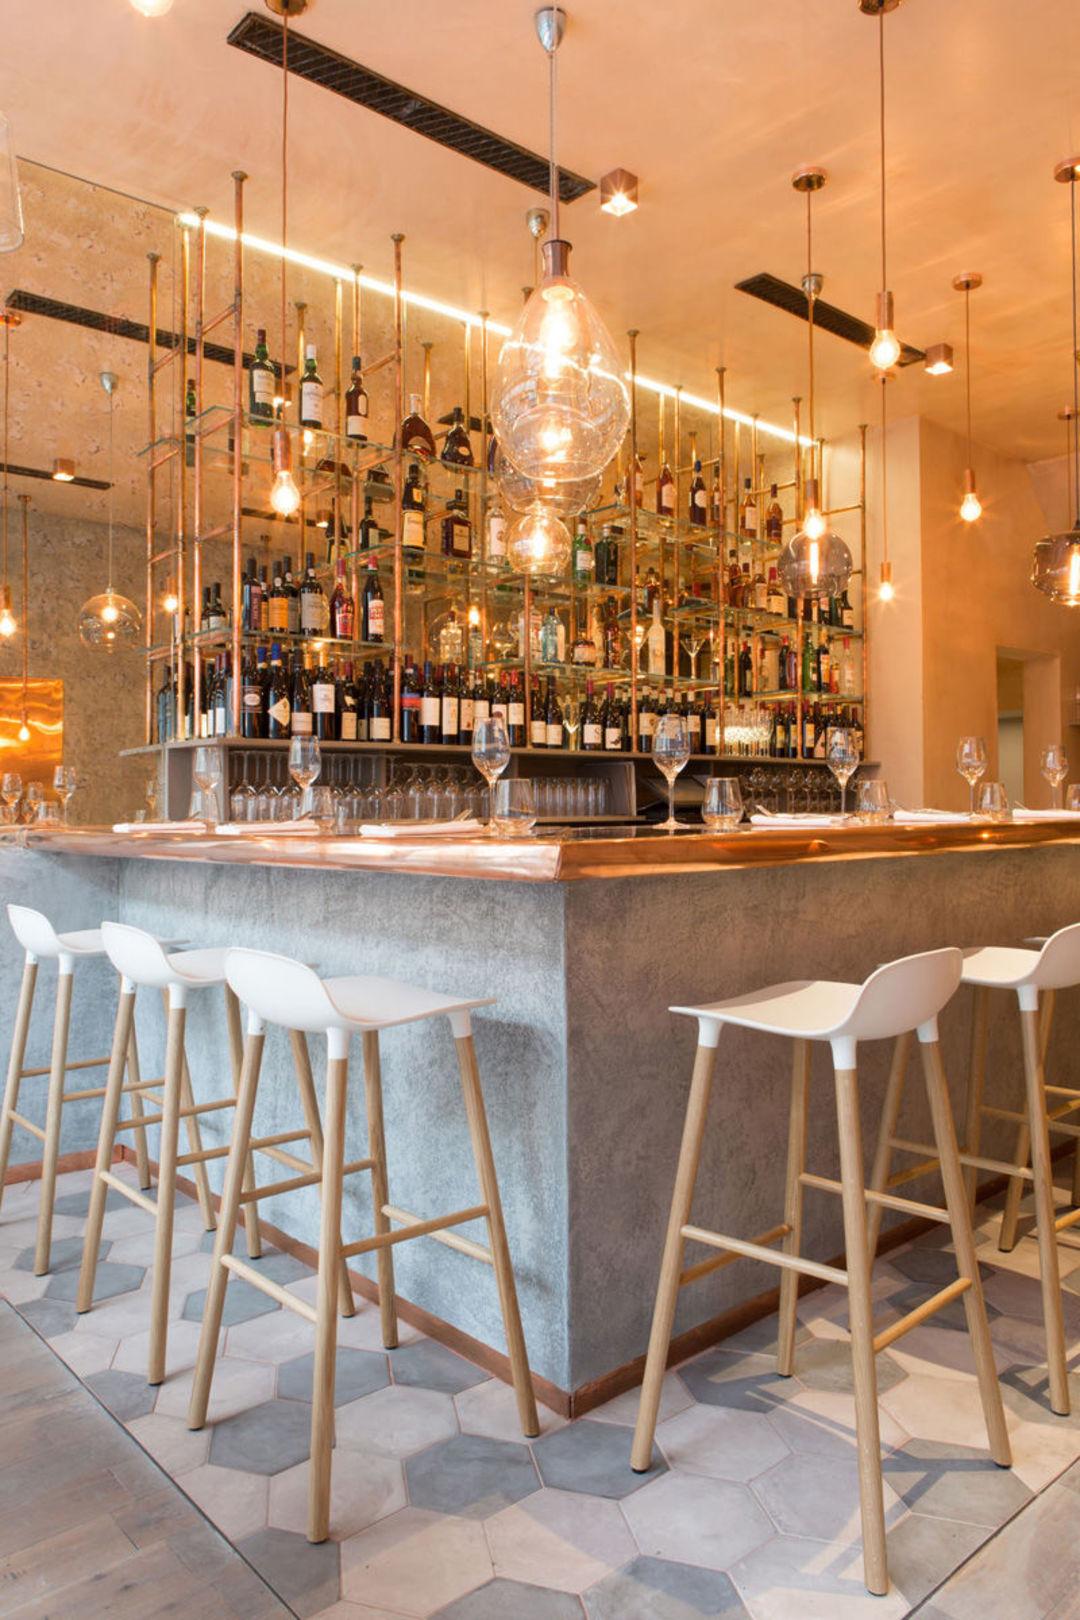 被暖黄金属色笼罩的这家法国餐厅,看起来质感不错_设计_好奇心日报